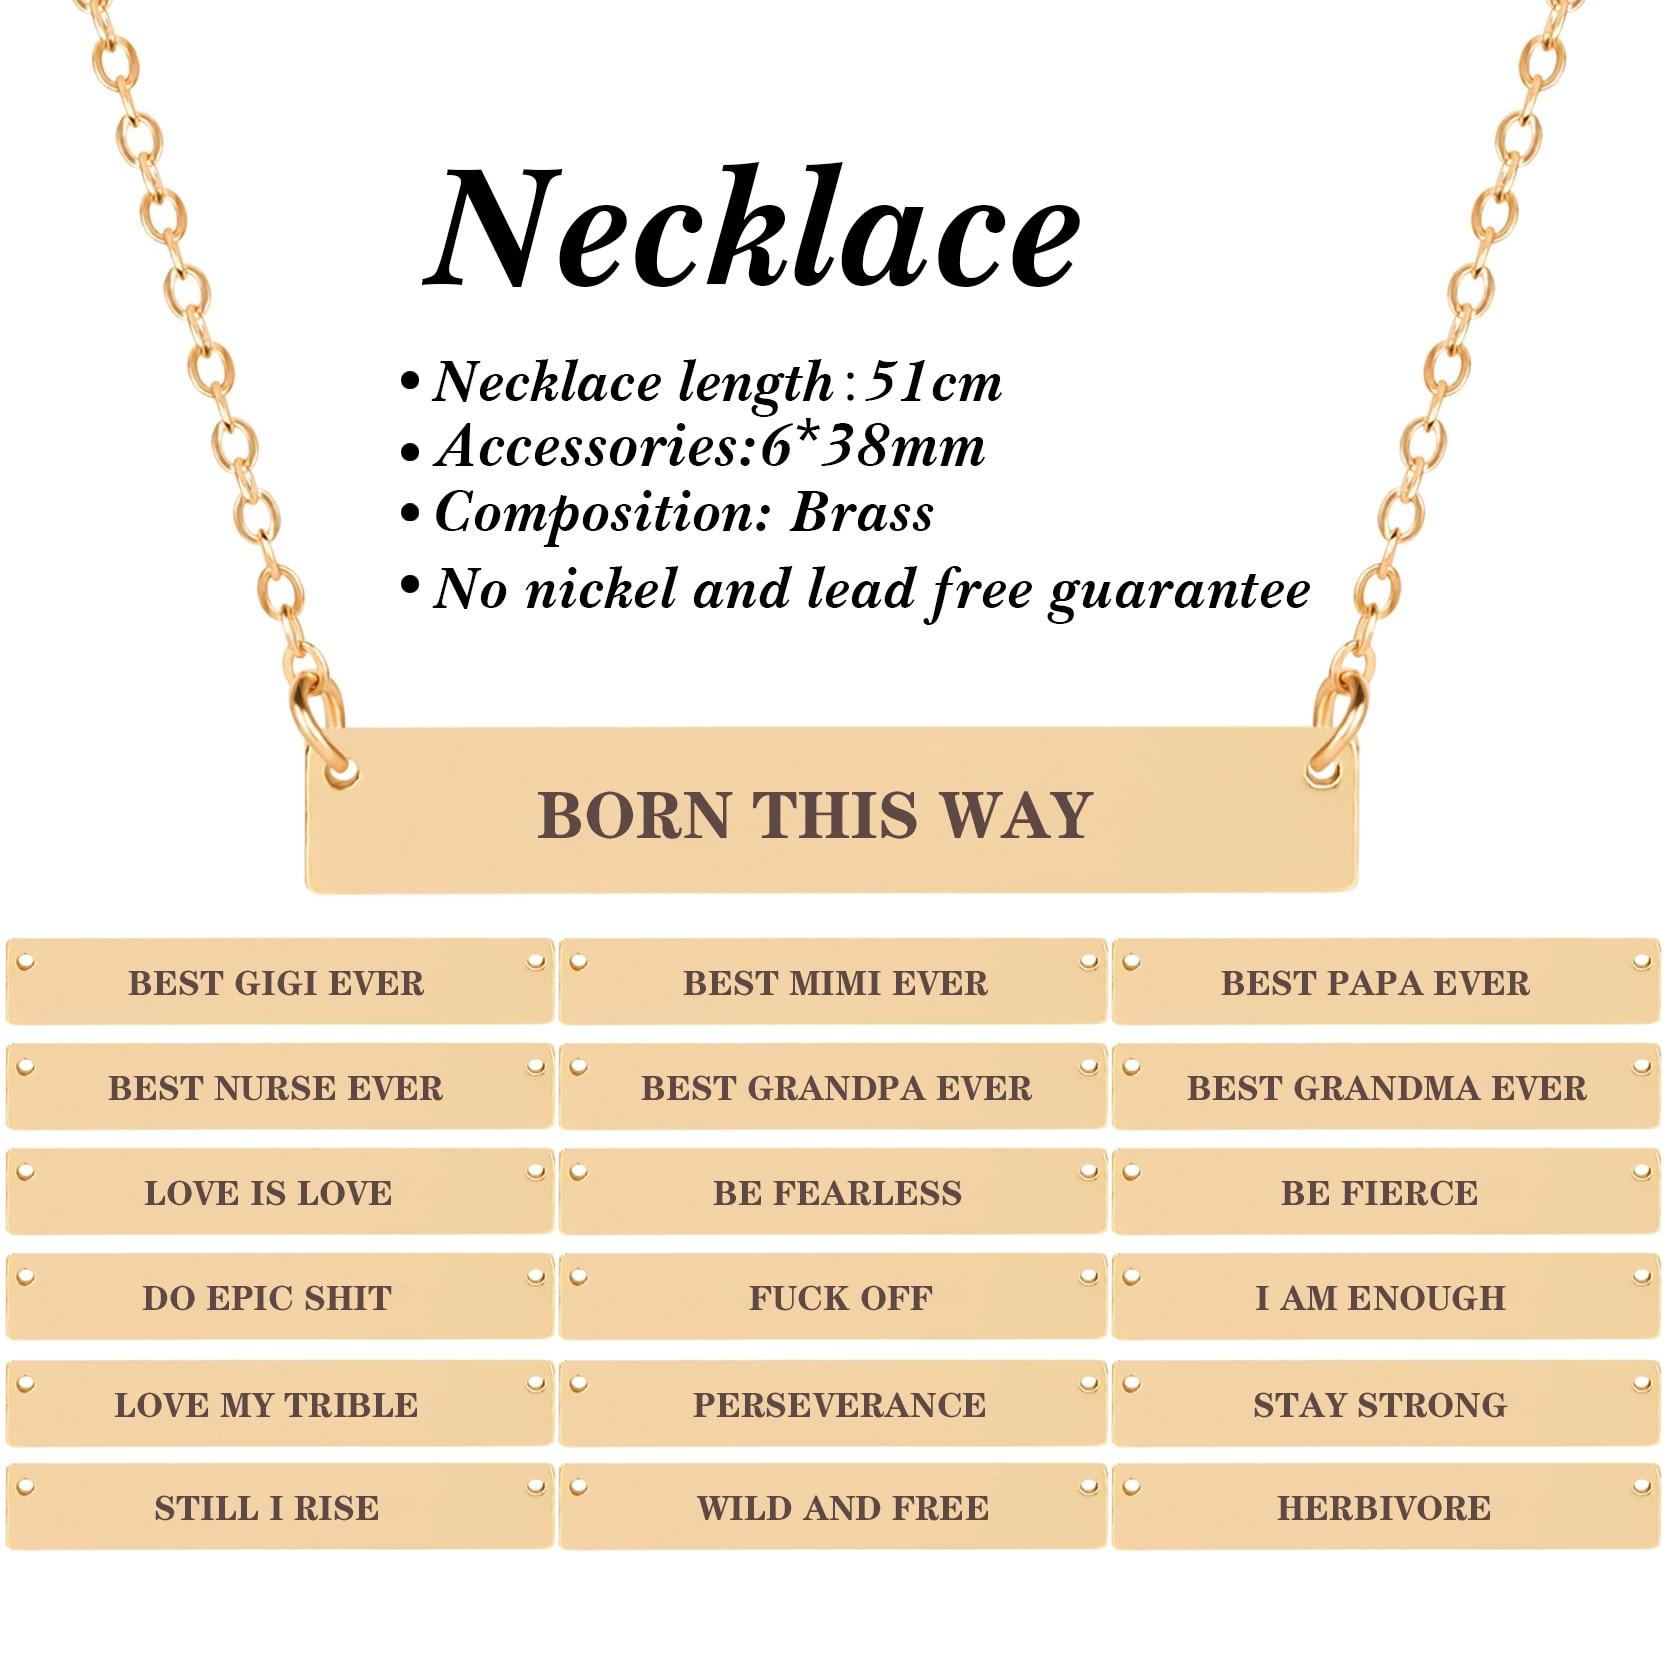 Moda grabado letra colgante collar clavícula cadena de oro encanto declaración collar cita inspiradora regalo de la joyería de las mujeres